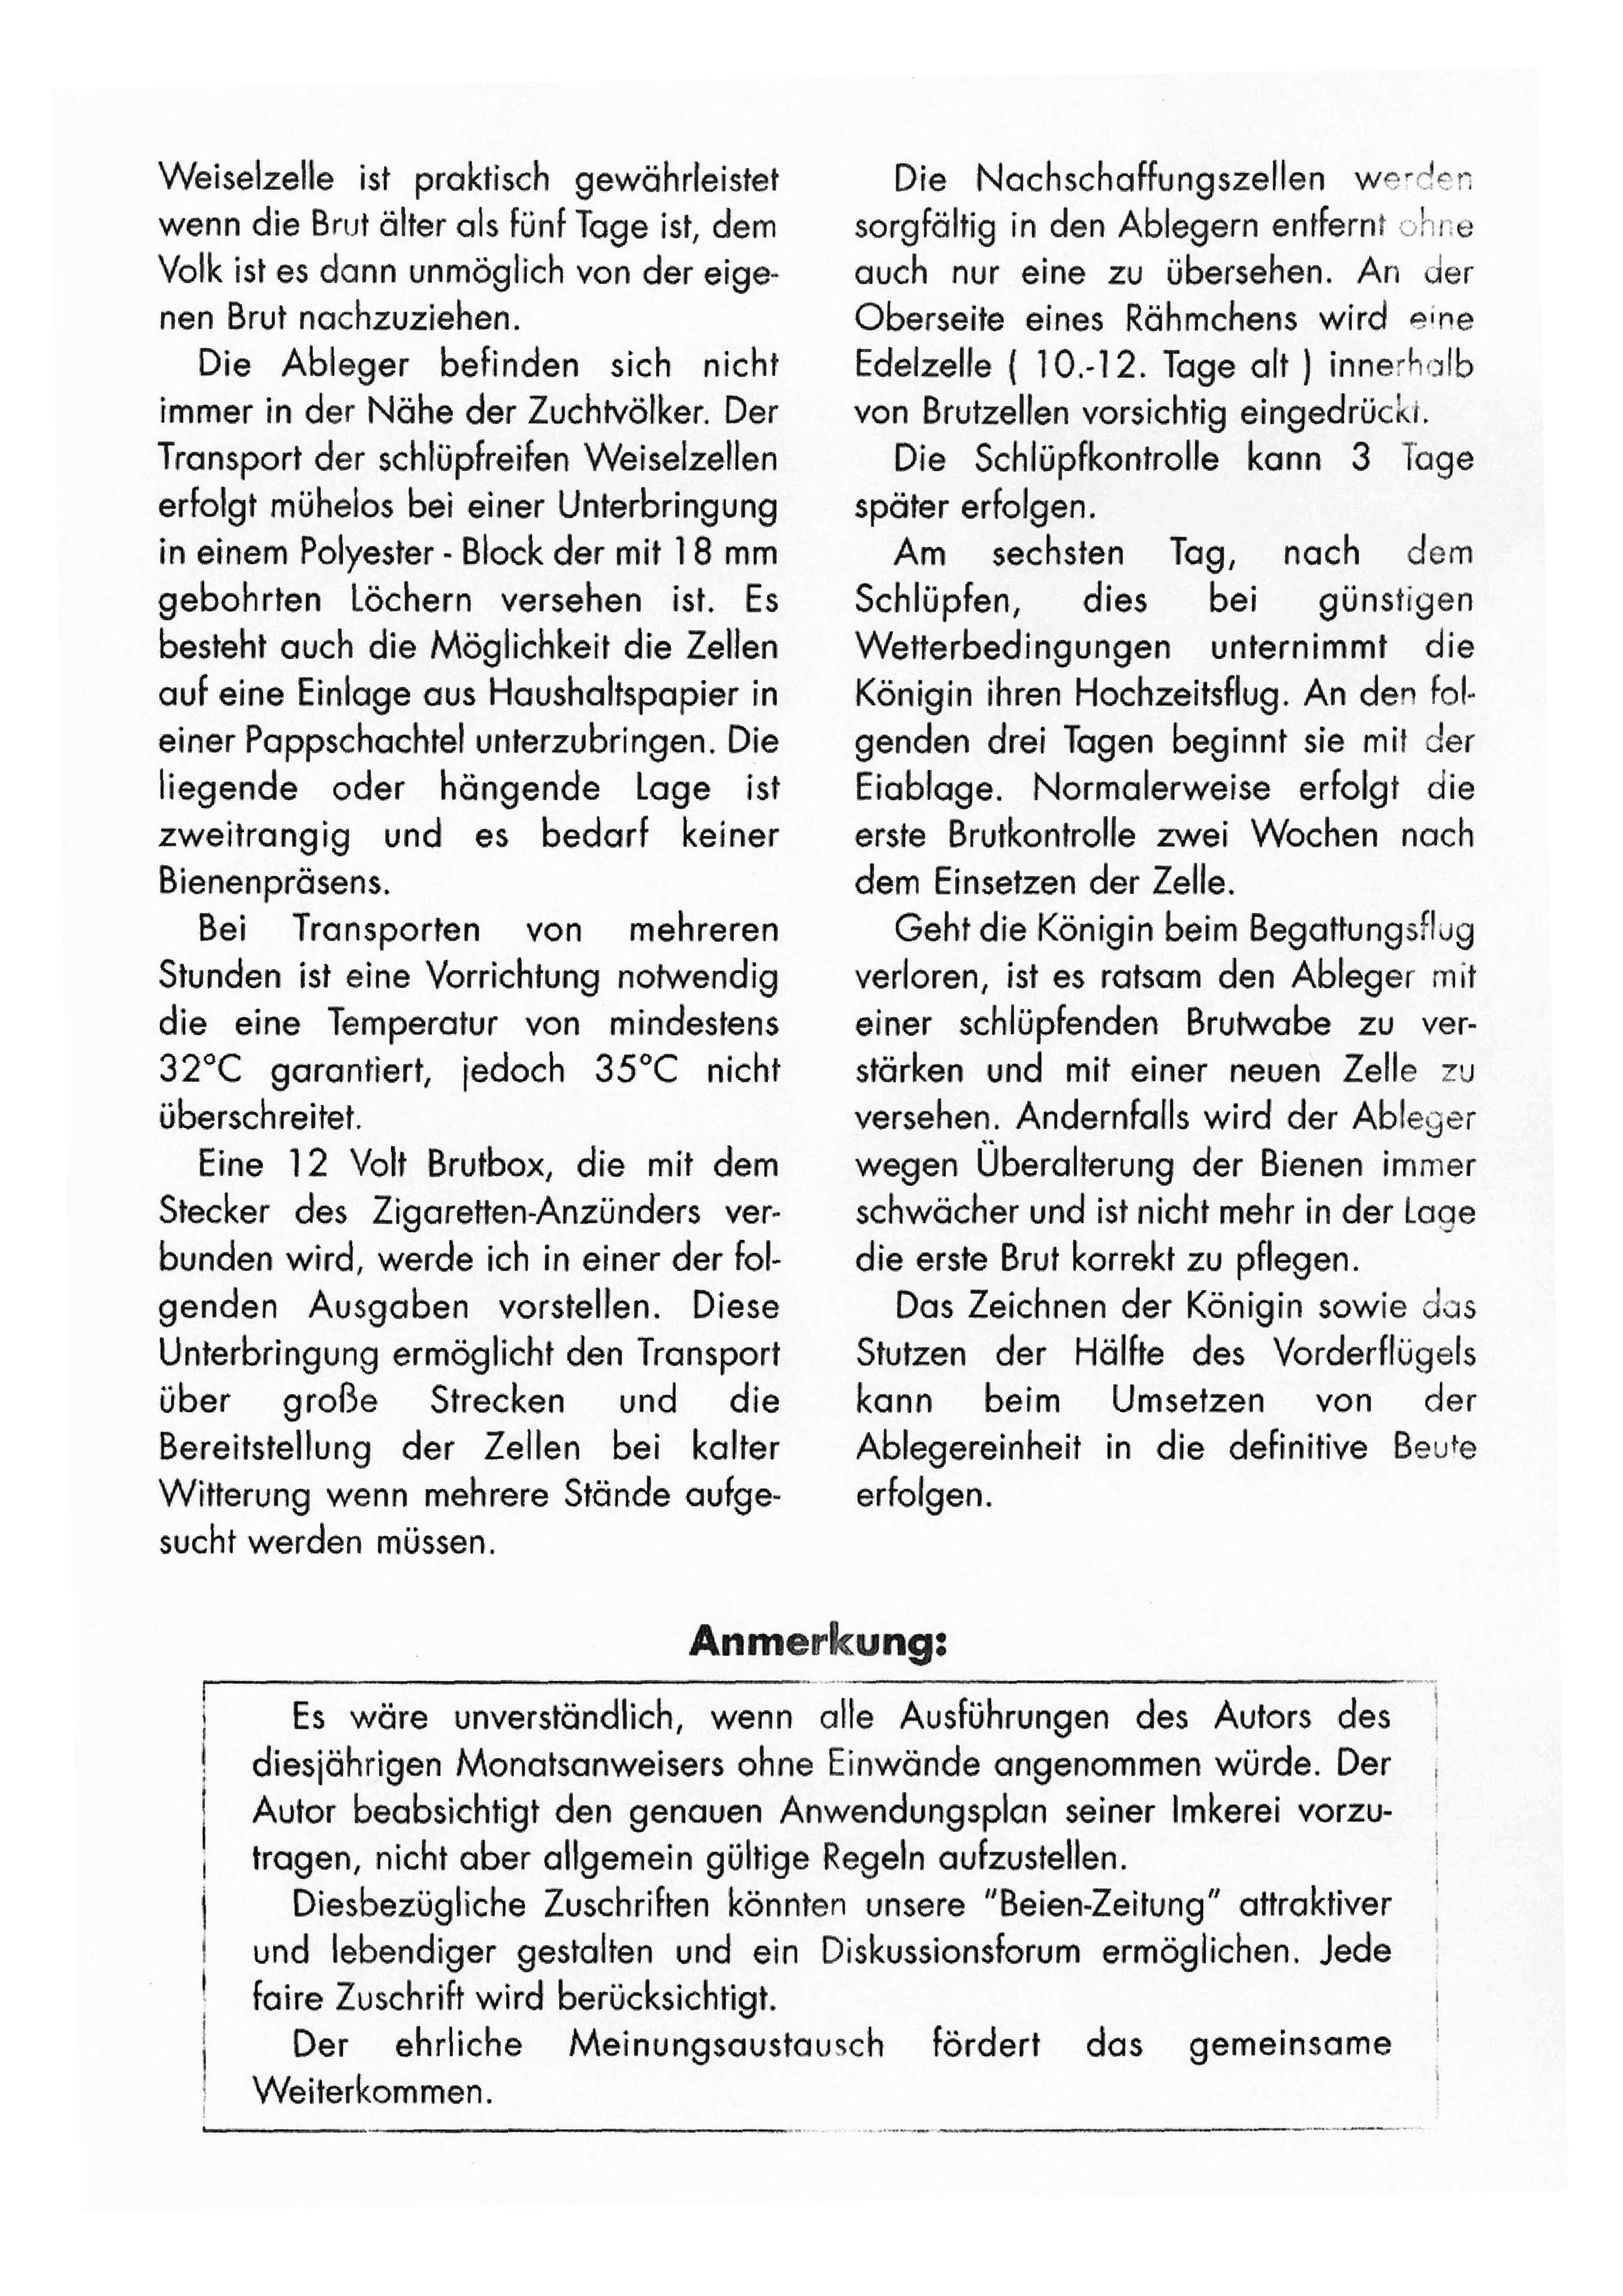 Lb_Beien-Zeitung_M_00008